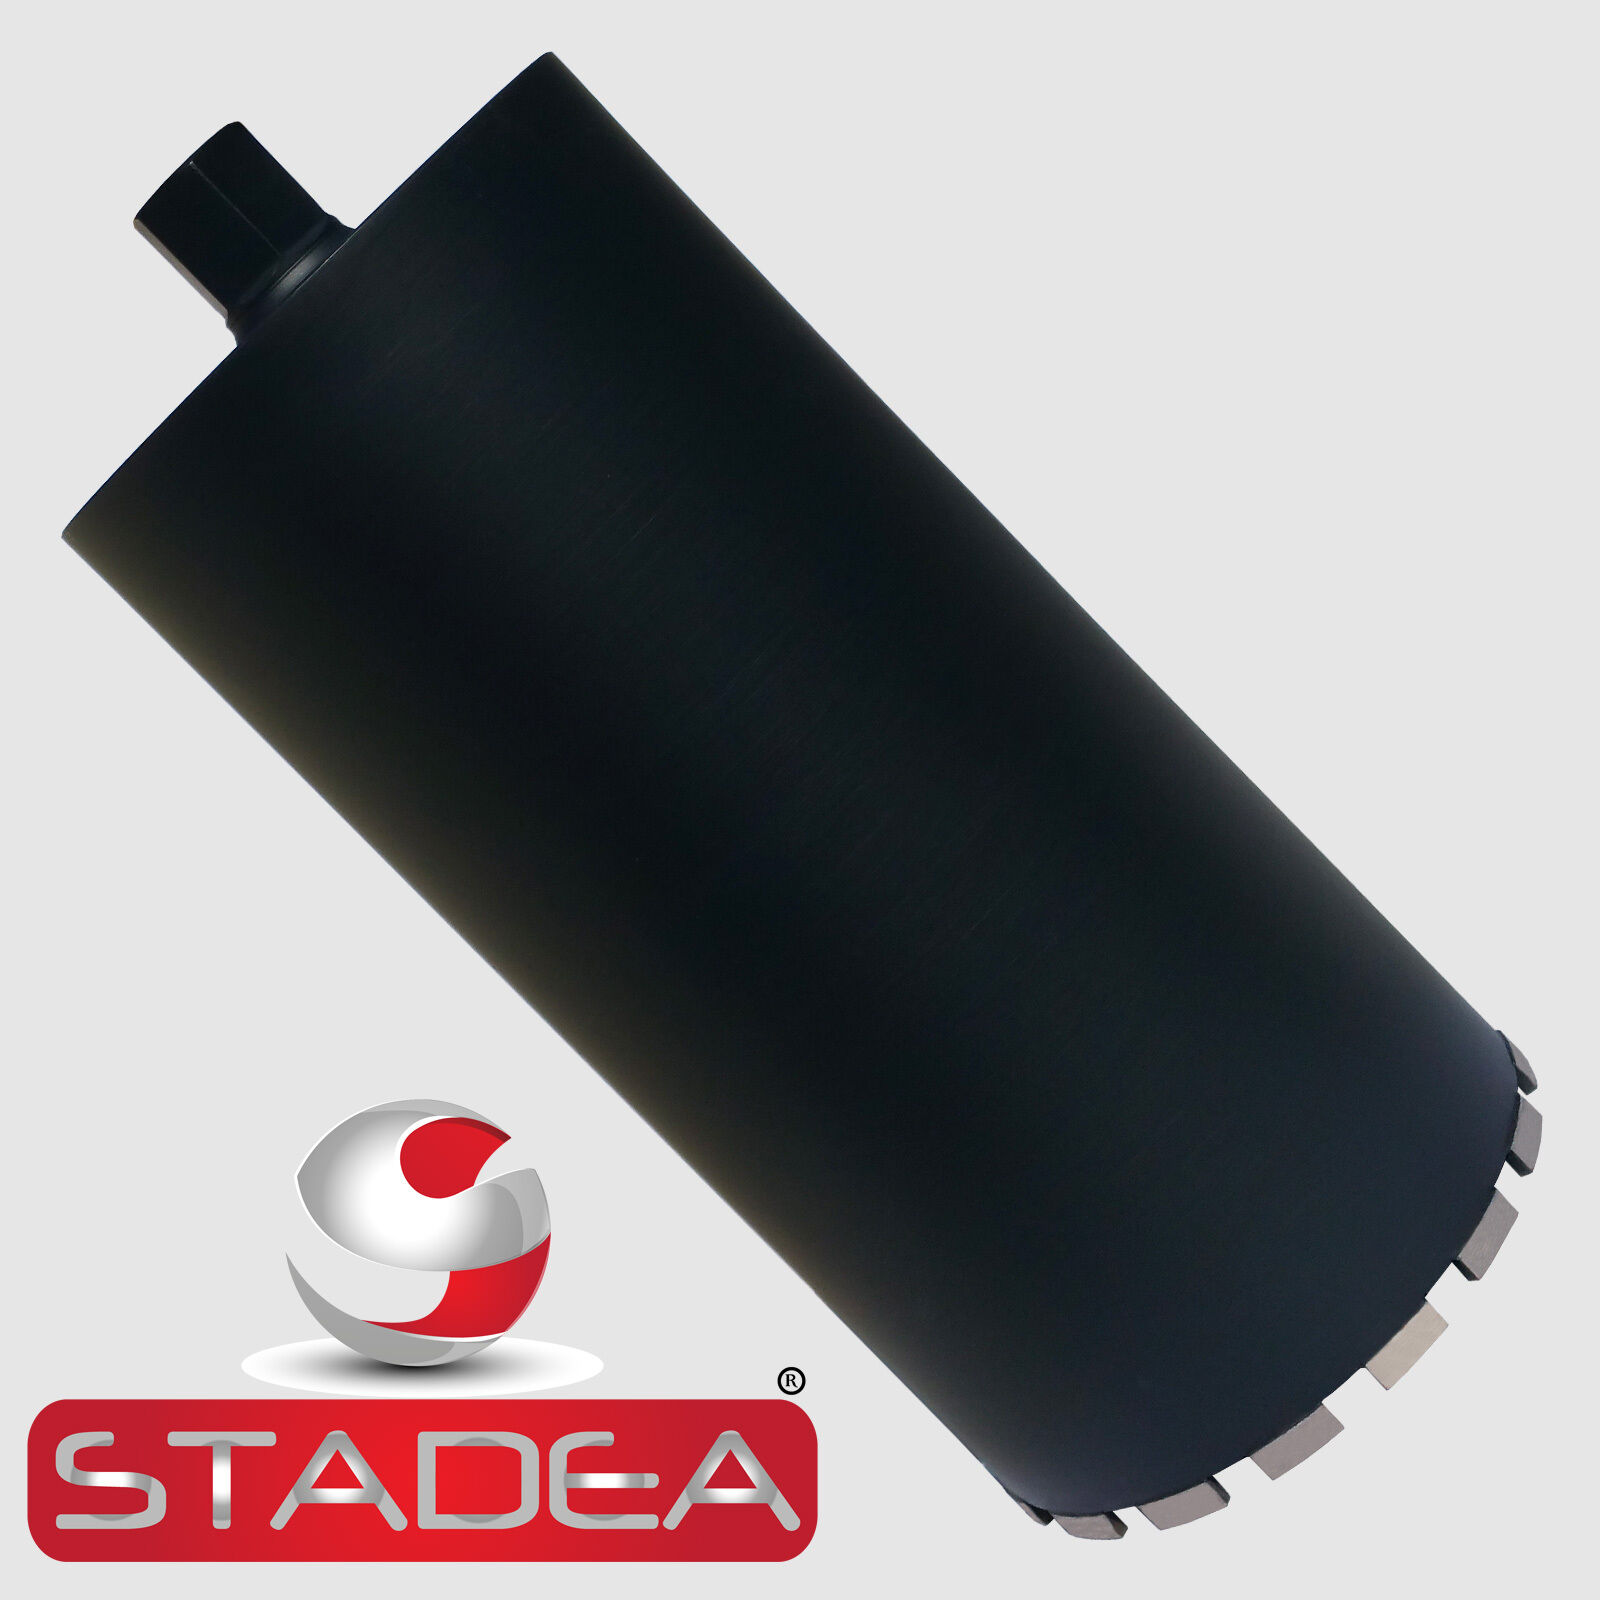 Stadea Diamond Concrete Hole Saw Core Drill Bit 8 Inch For